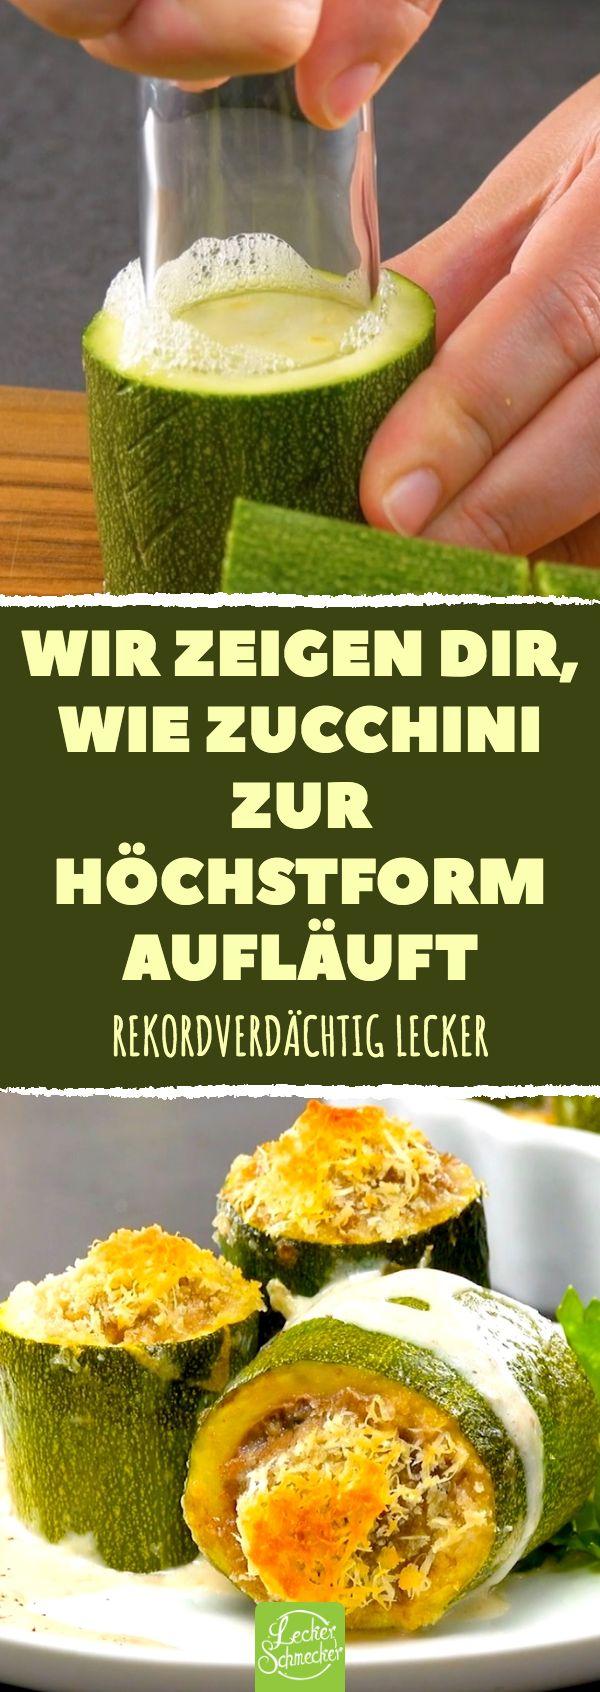 Wir zeigen dir, wie Zucchini zur Höchstform aufläuft